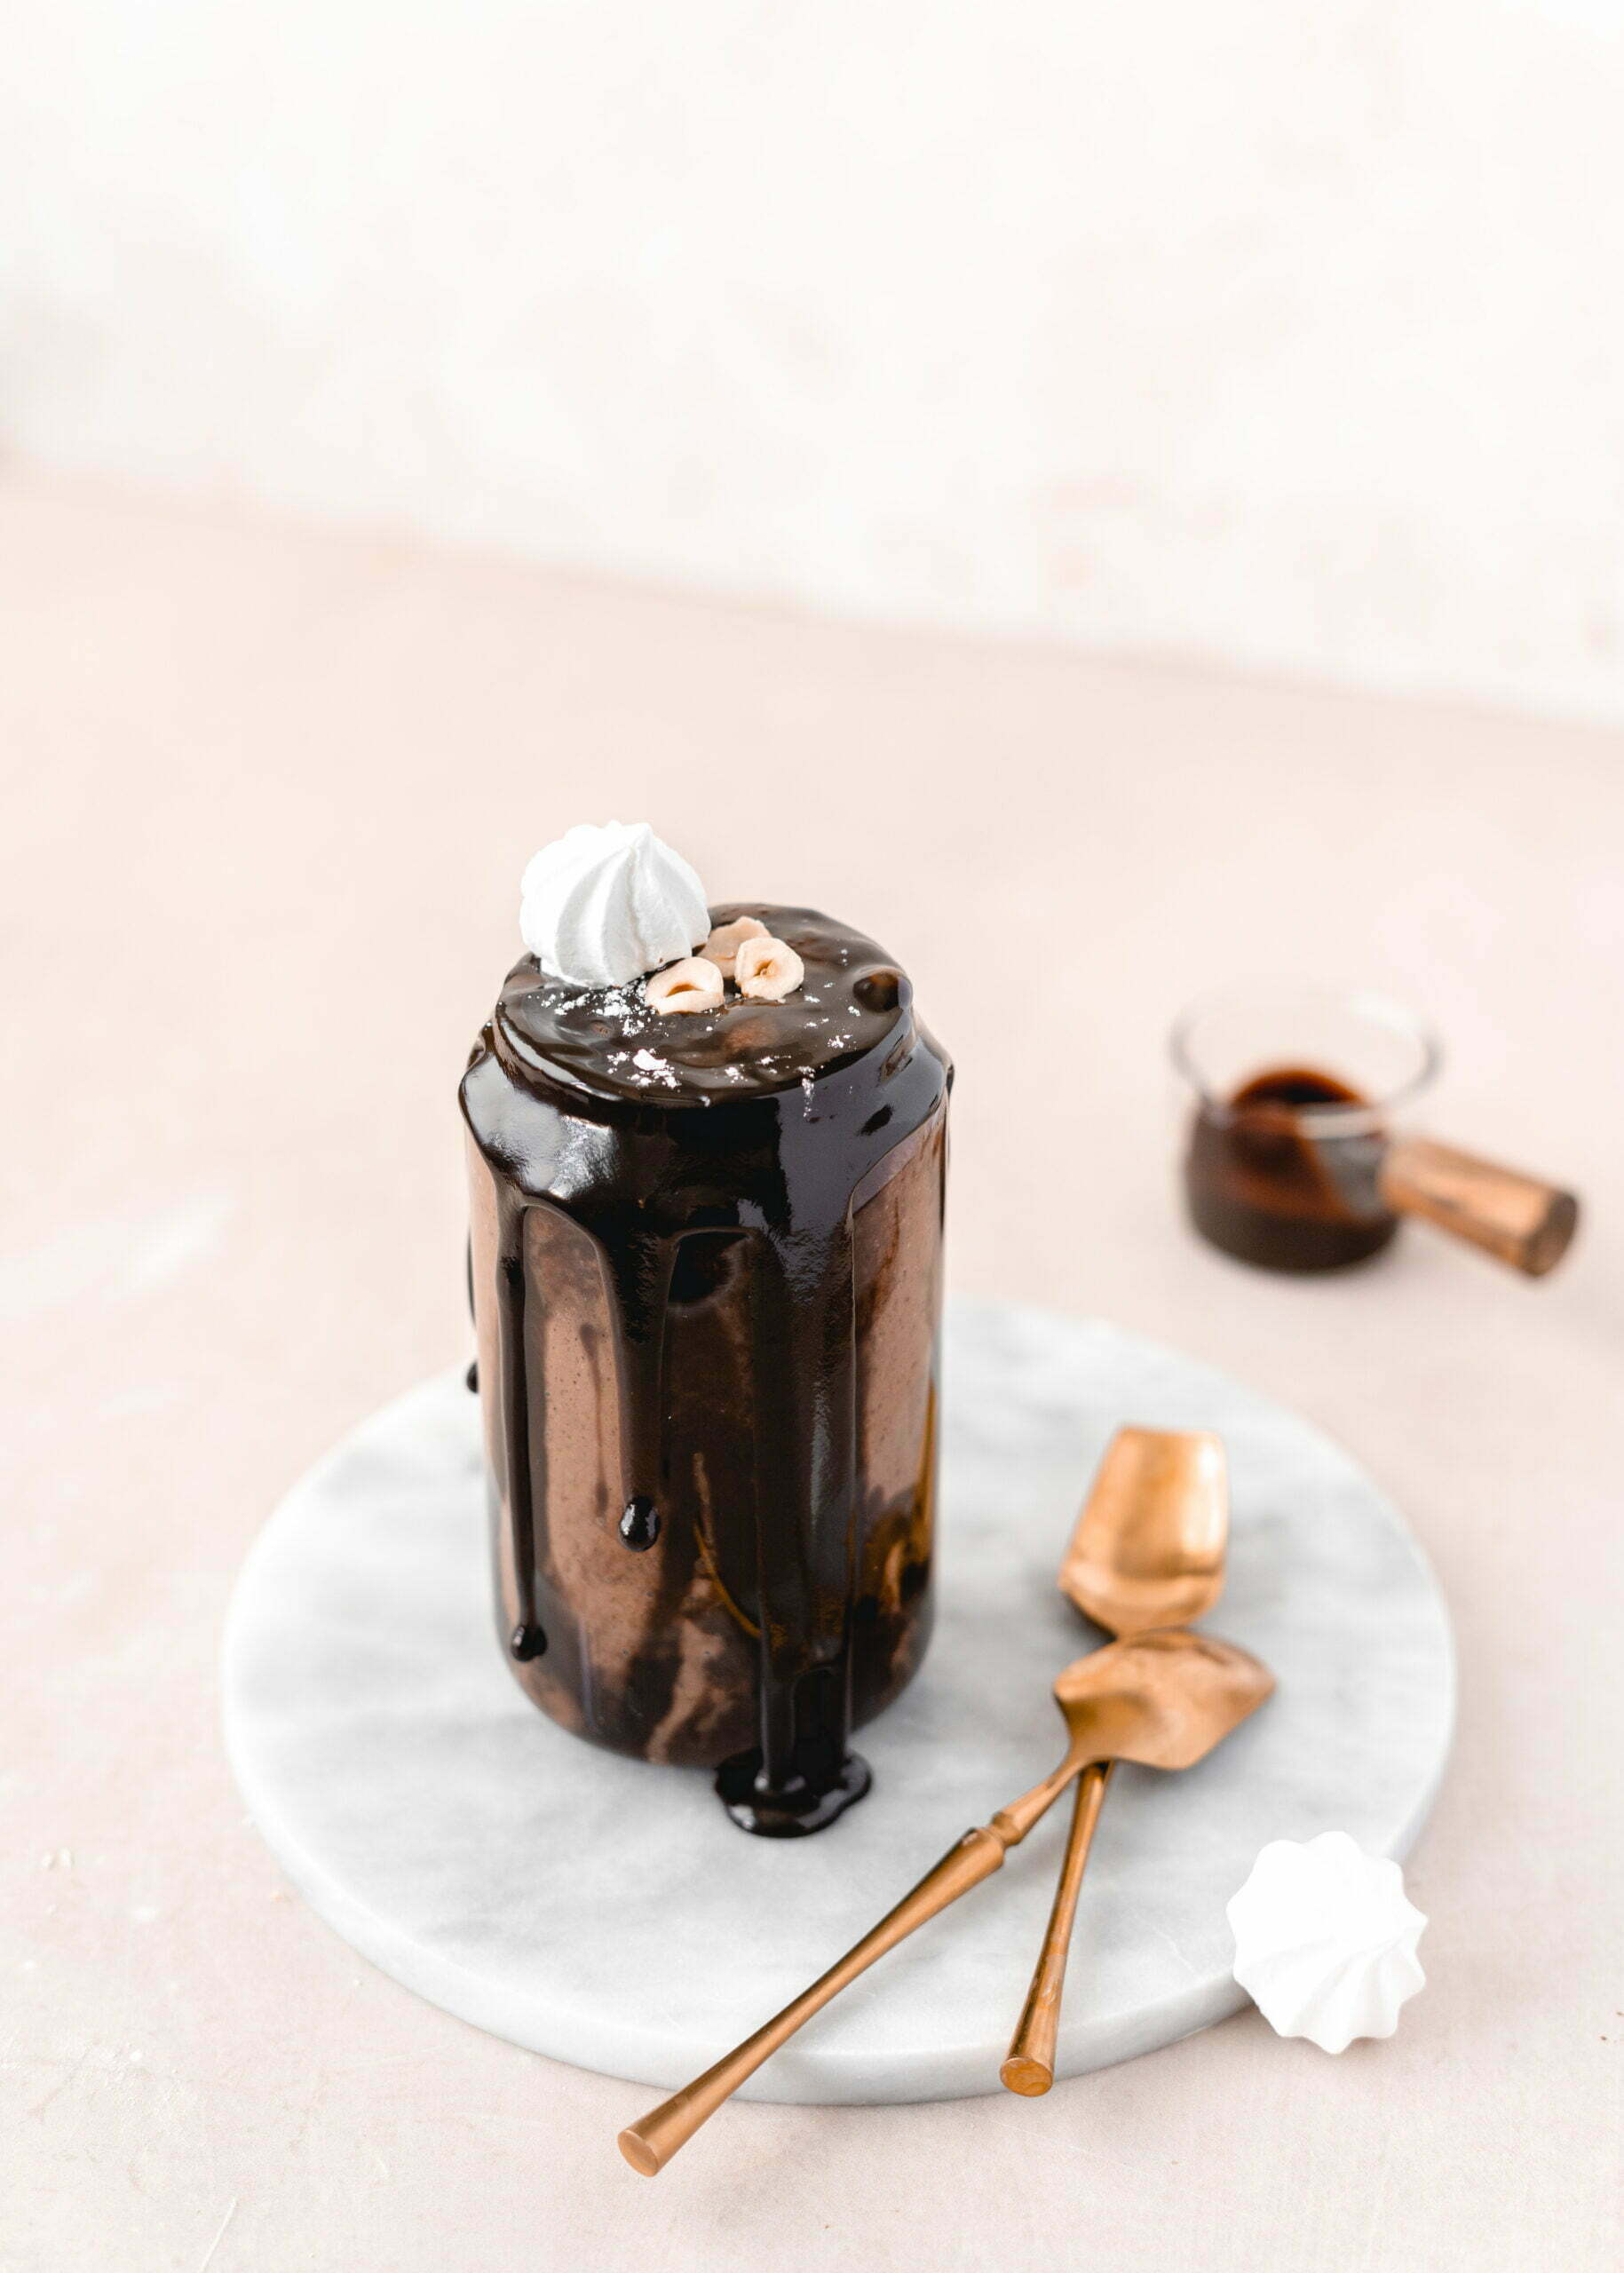 Lešnikova vroča čokolada